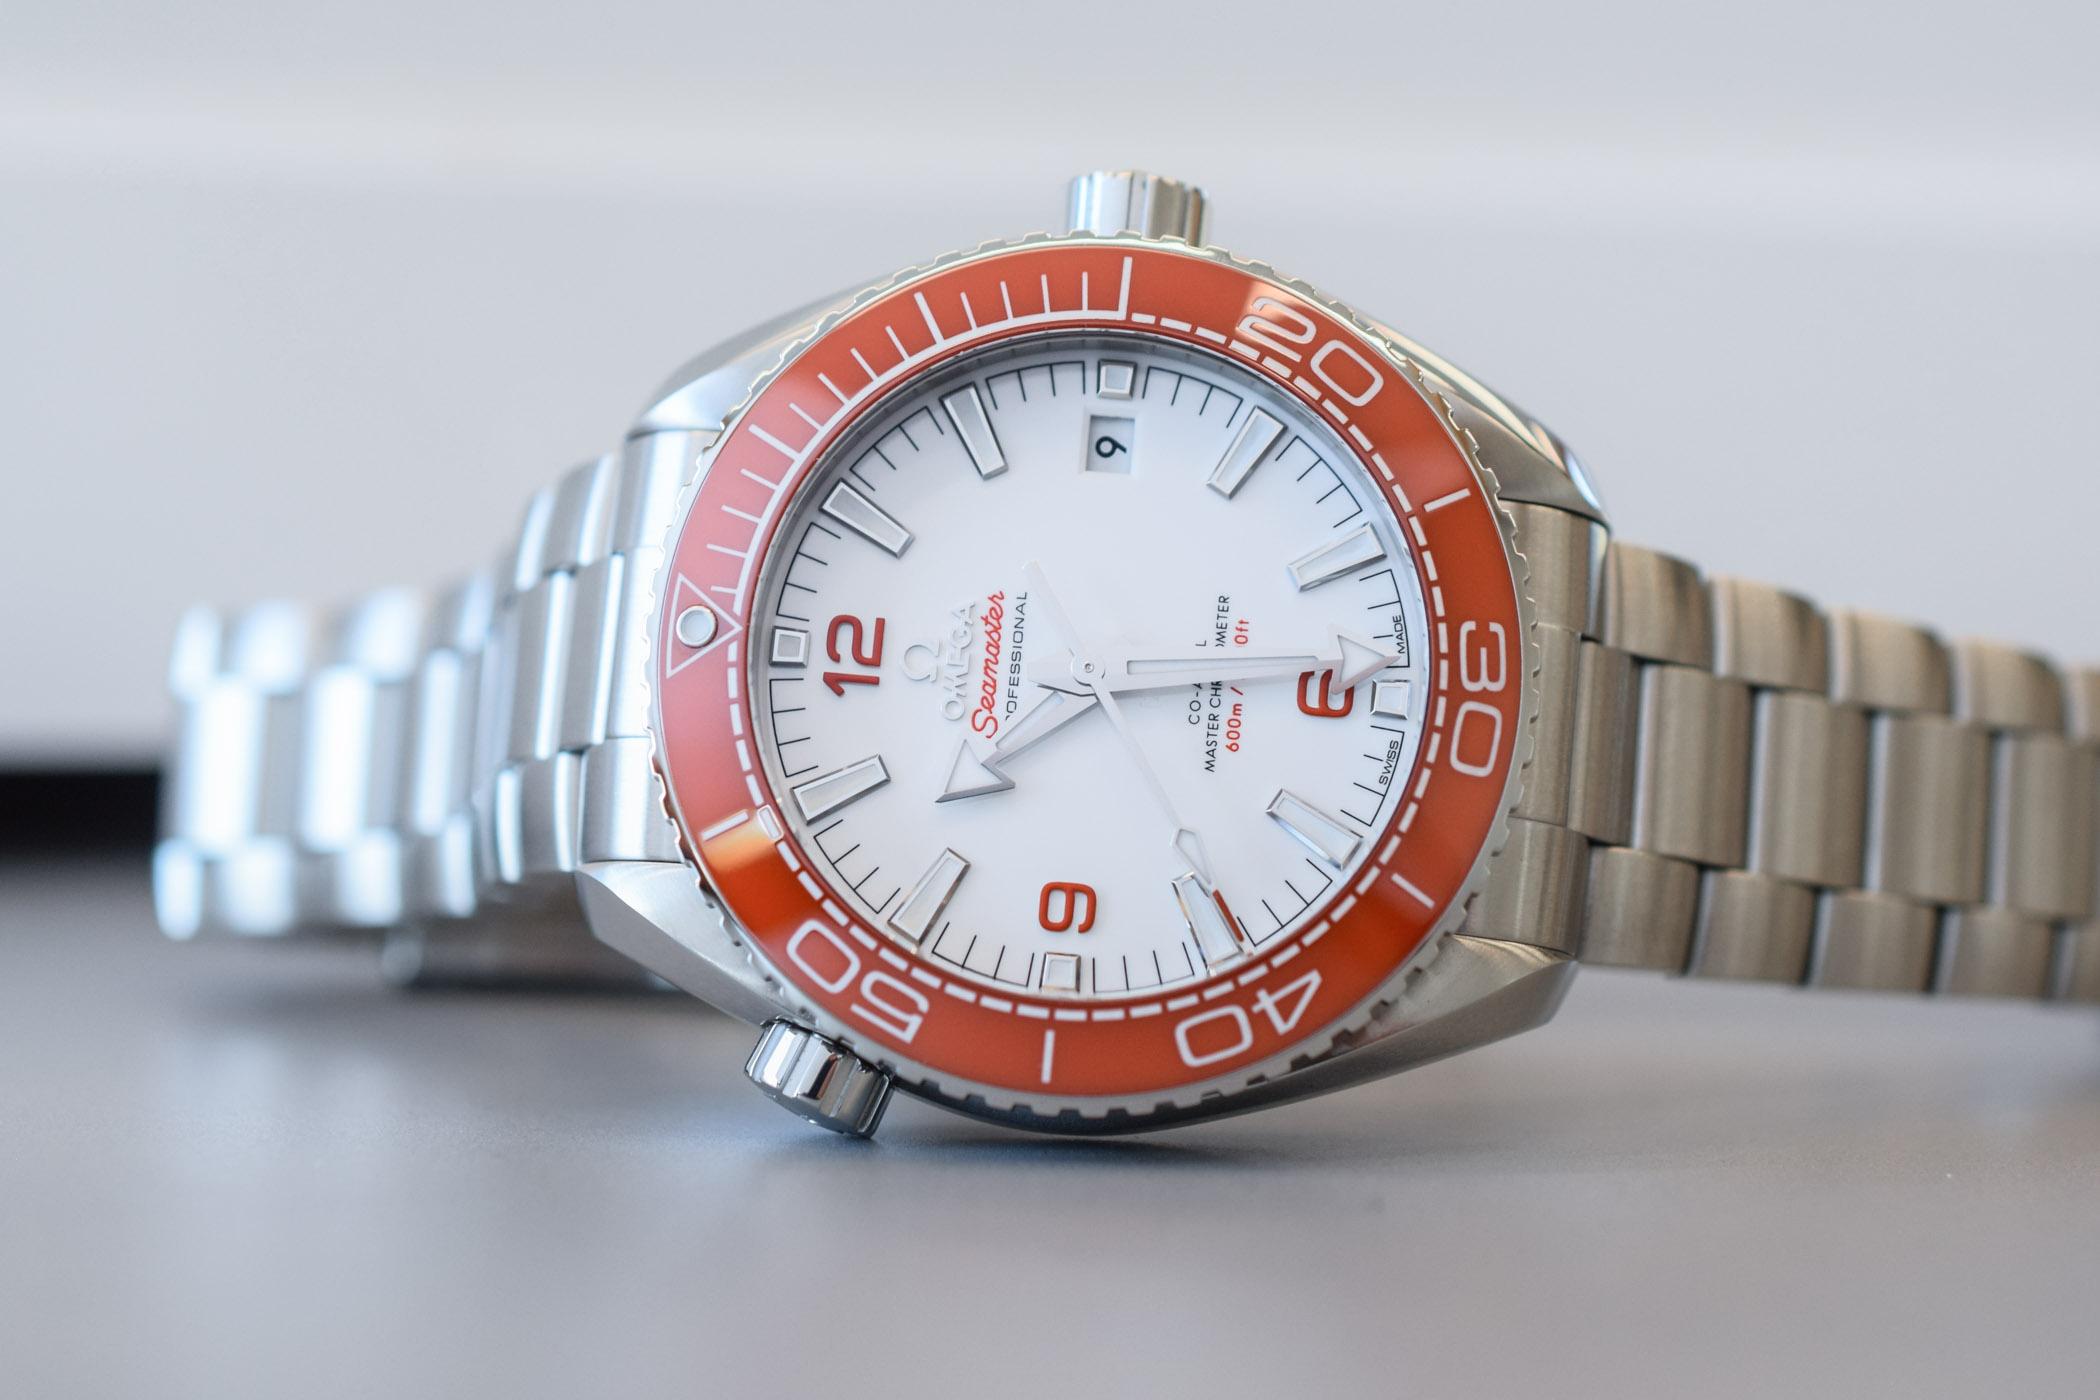 Omega Seamaster Planet Ocean 600m Orange Bezel White dial 215.30.44.21.04.001